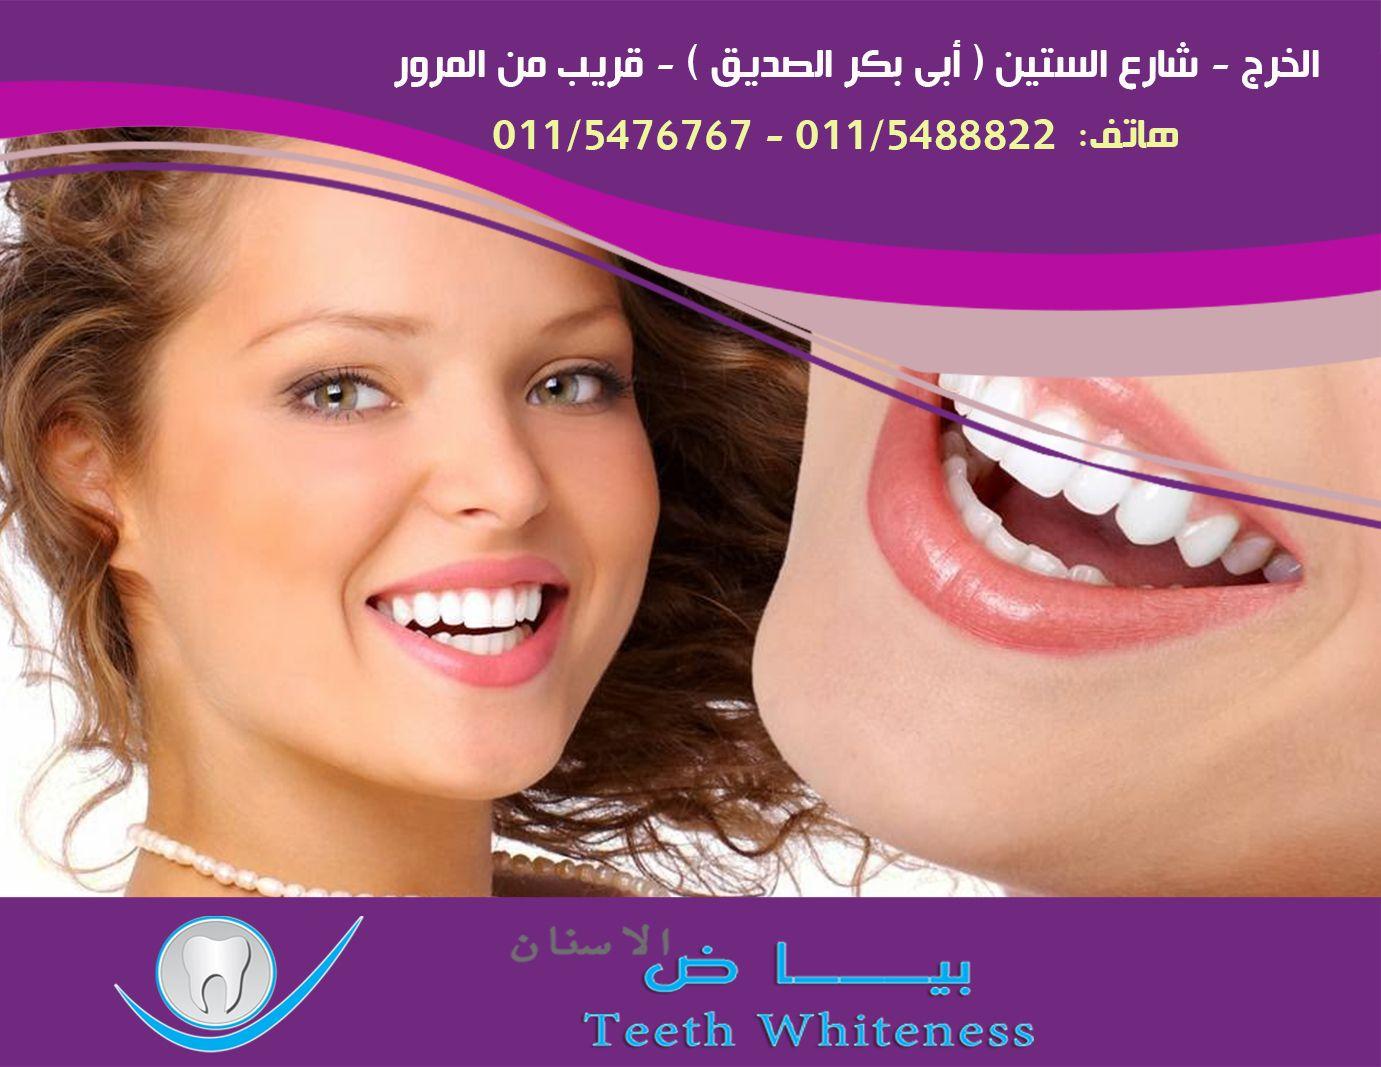 ما هي الاسباب التي قد تسبب حساسية الاسنان زيادة استخدام غسول الفم تجنبوا الاستخدام المفرط لغسول الفم خلال اليوم غسول الفم يحتوي على احماض مختلفة Teeth Lins